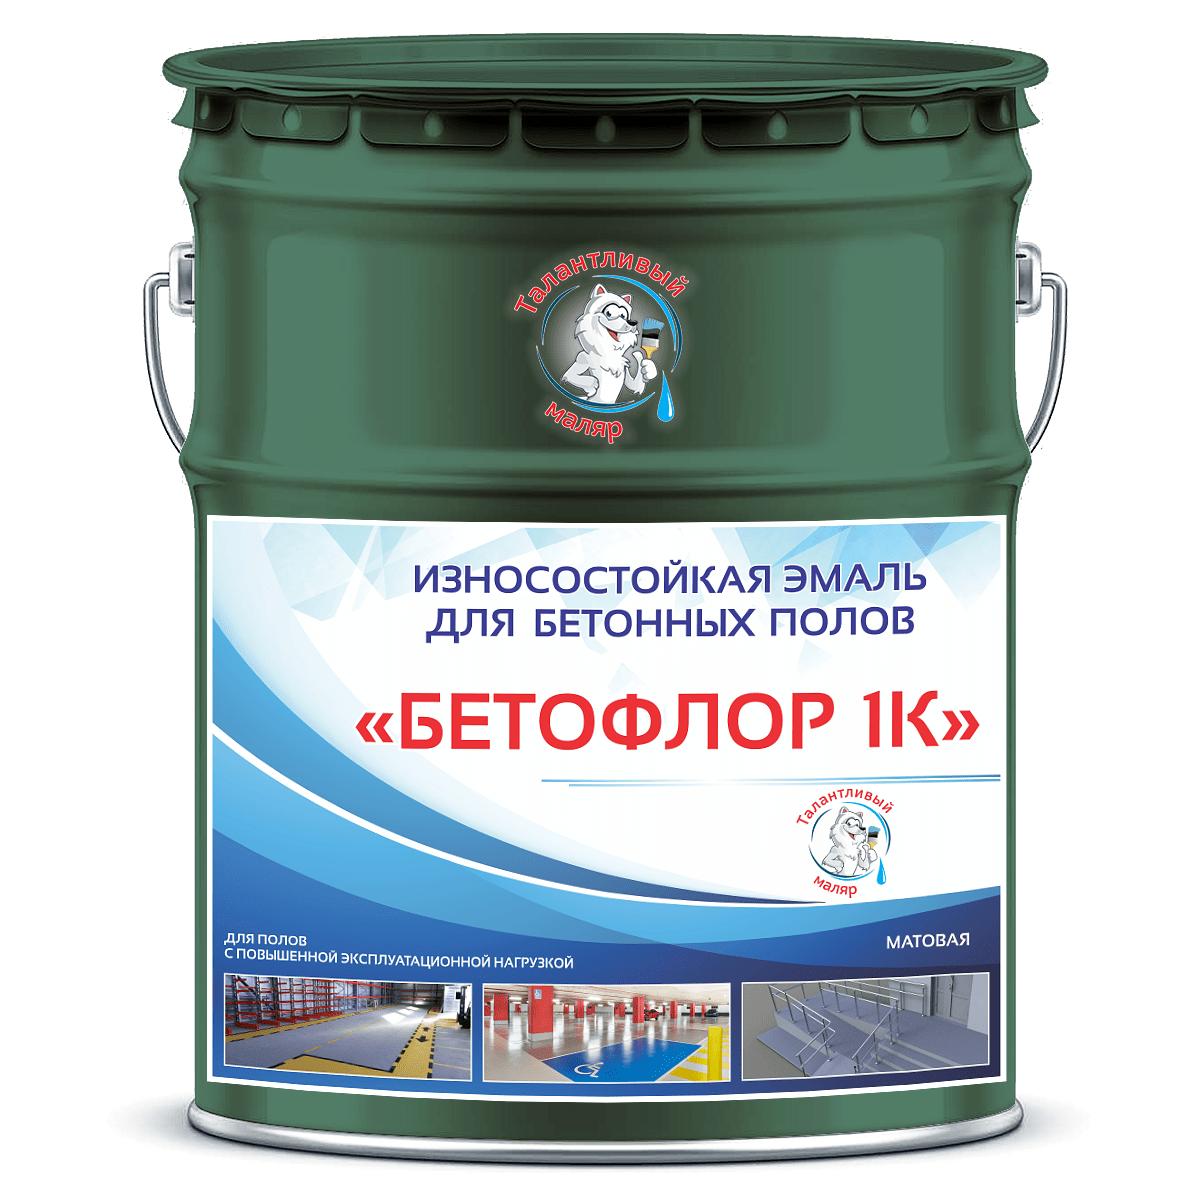 """Фото 8 - BF6007 Эмаль для бетонных полов """"Бетофлор"""" 1К цвет RAL 6007 Бутылочно-зеленый, матовая износостойкая, 25 кг """"Талантливый Маляр""""."""